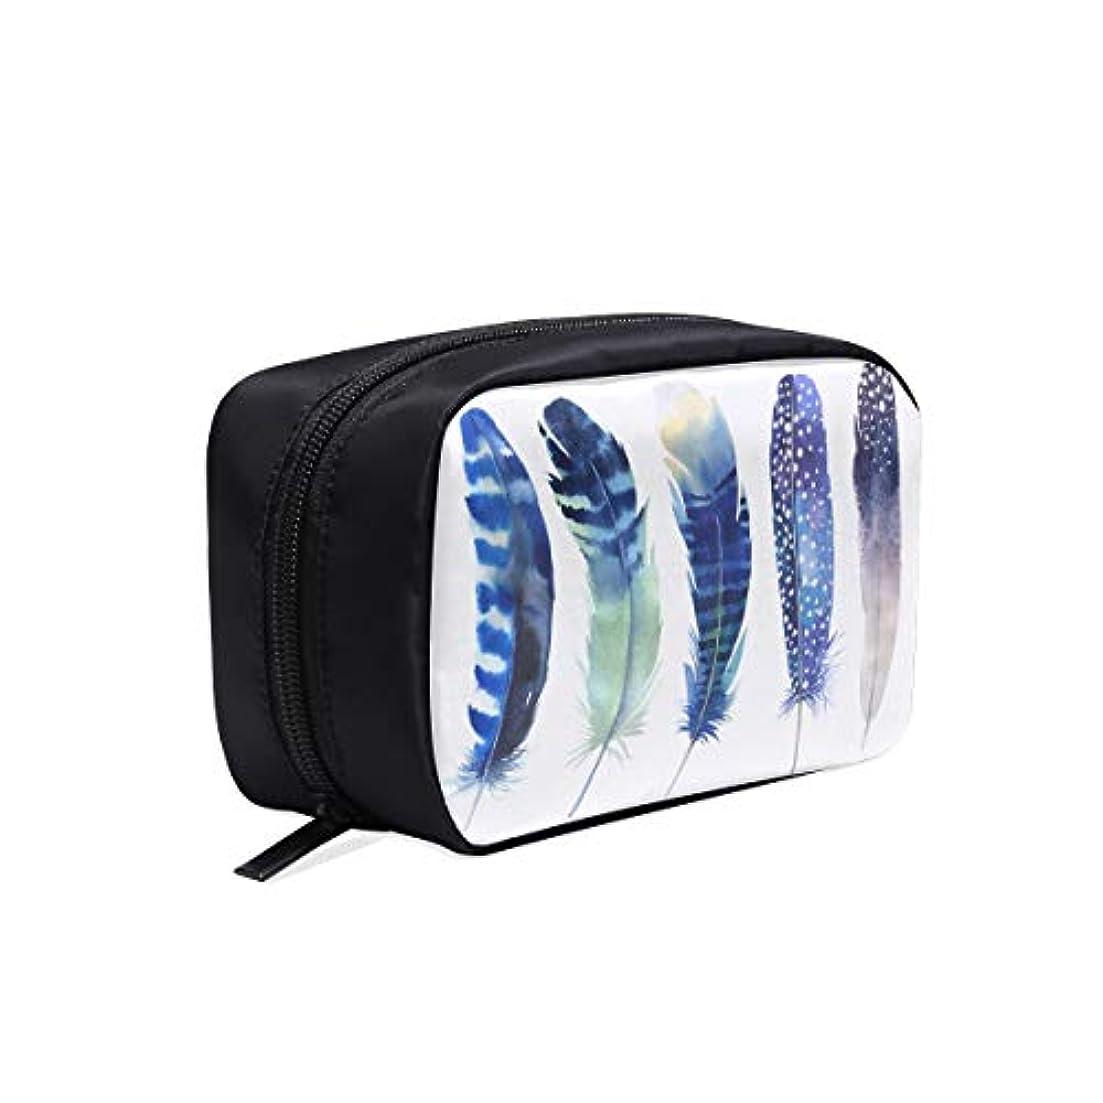 犯罪甲虫温かいKWESG メイクポーチ チキンフェザー ボックス コスメ収納 化粧品収納ケース 大容量 収納 化粧品入れ 化粧バッグ 旅行用 メイクブラシバッグ 化粧箱 持ち運び便利 プロ用